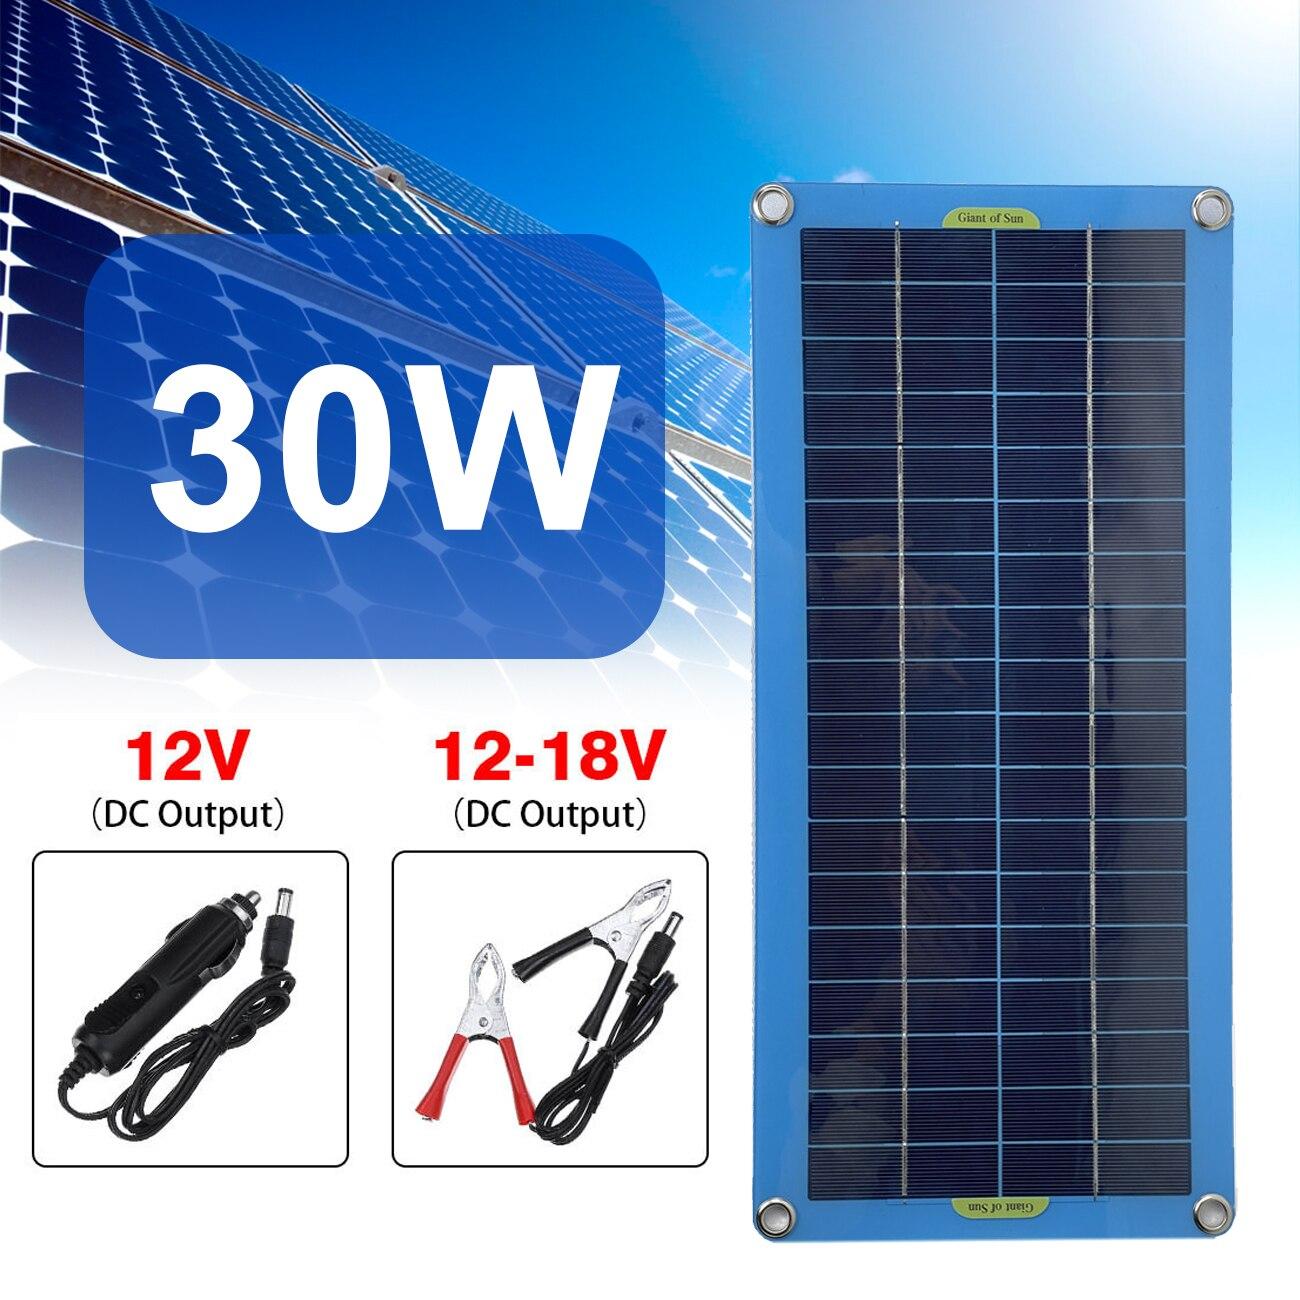 لوحة طاقة شمسية 30 واط 12 فولت USB الناتج الخلايا الشمسية لوح شمسي رخيص لوحة طاقة شمسية تحكم مقاوم للماء الخلايا الشمسية للسيارة يخت بطارية قارب ...